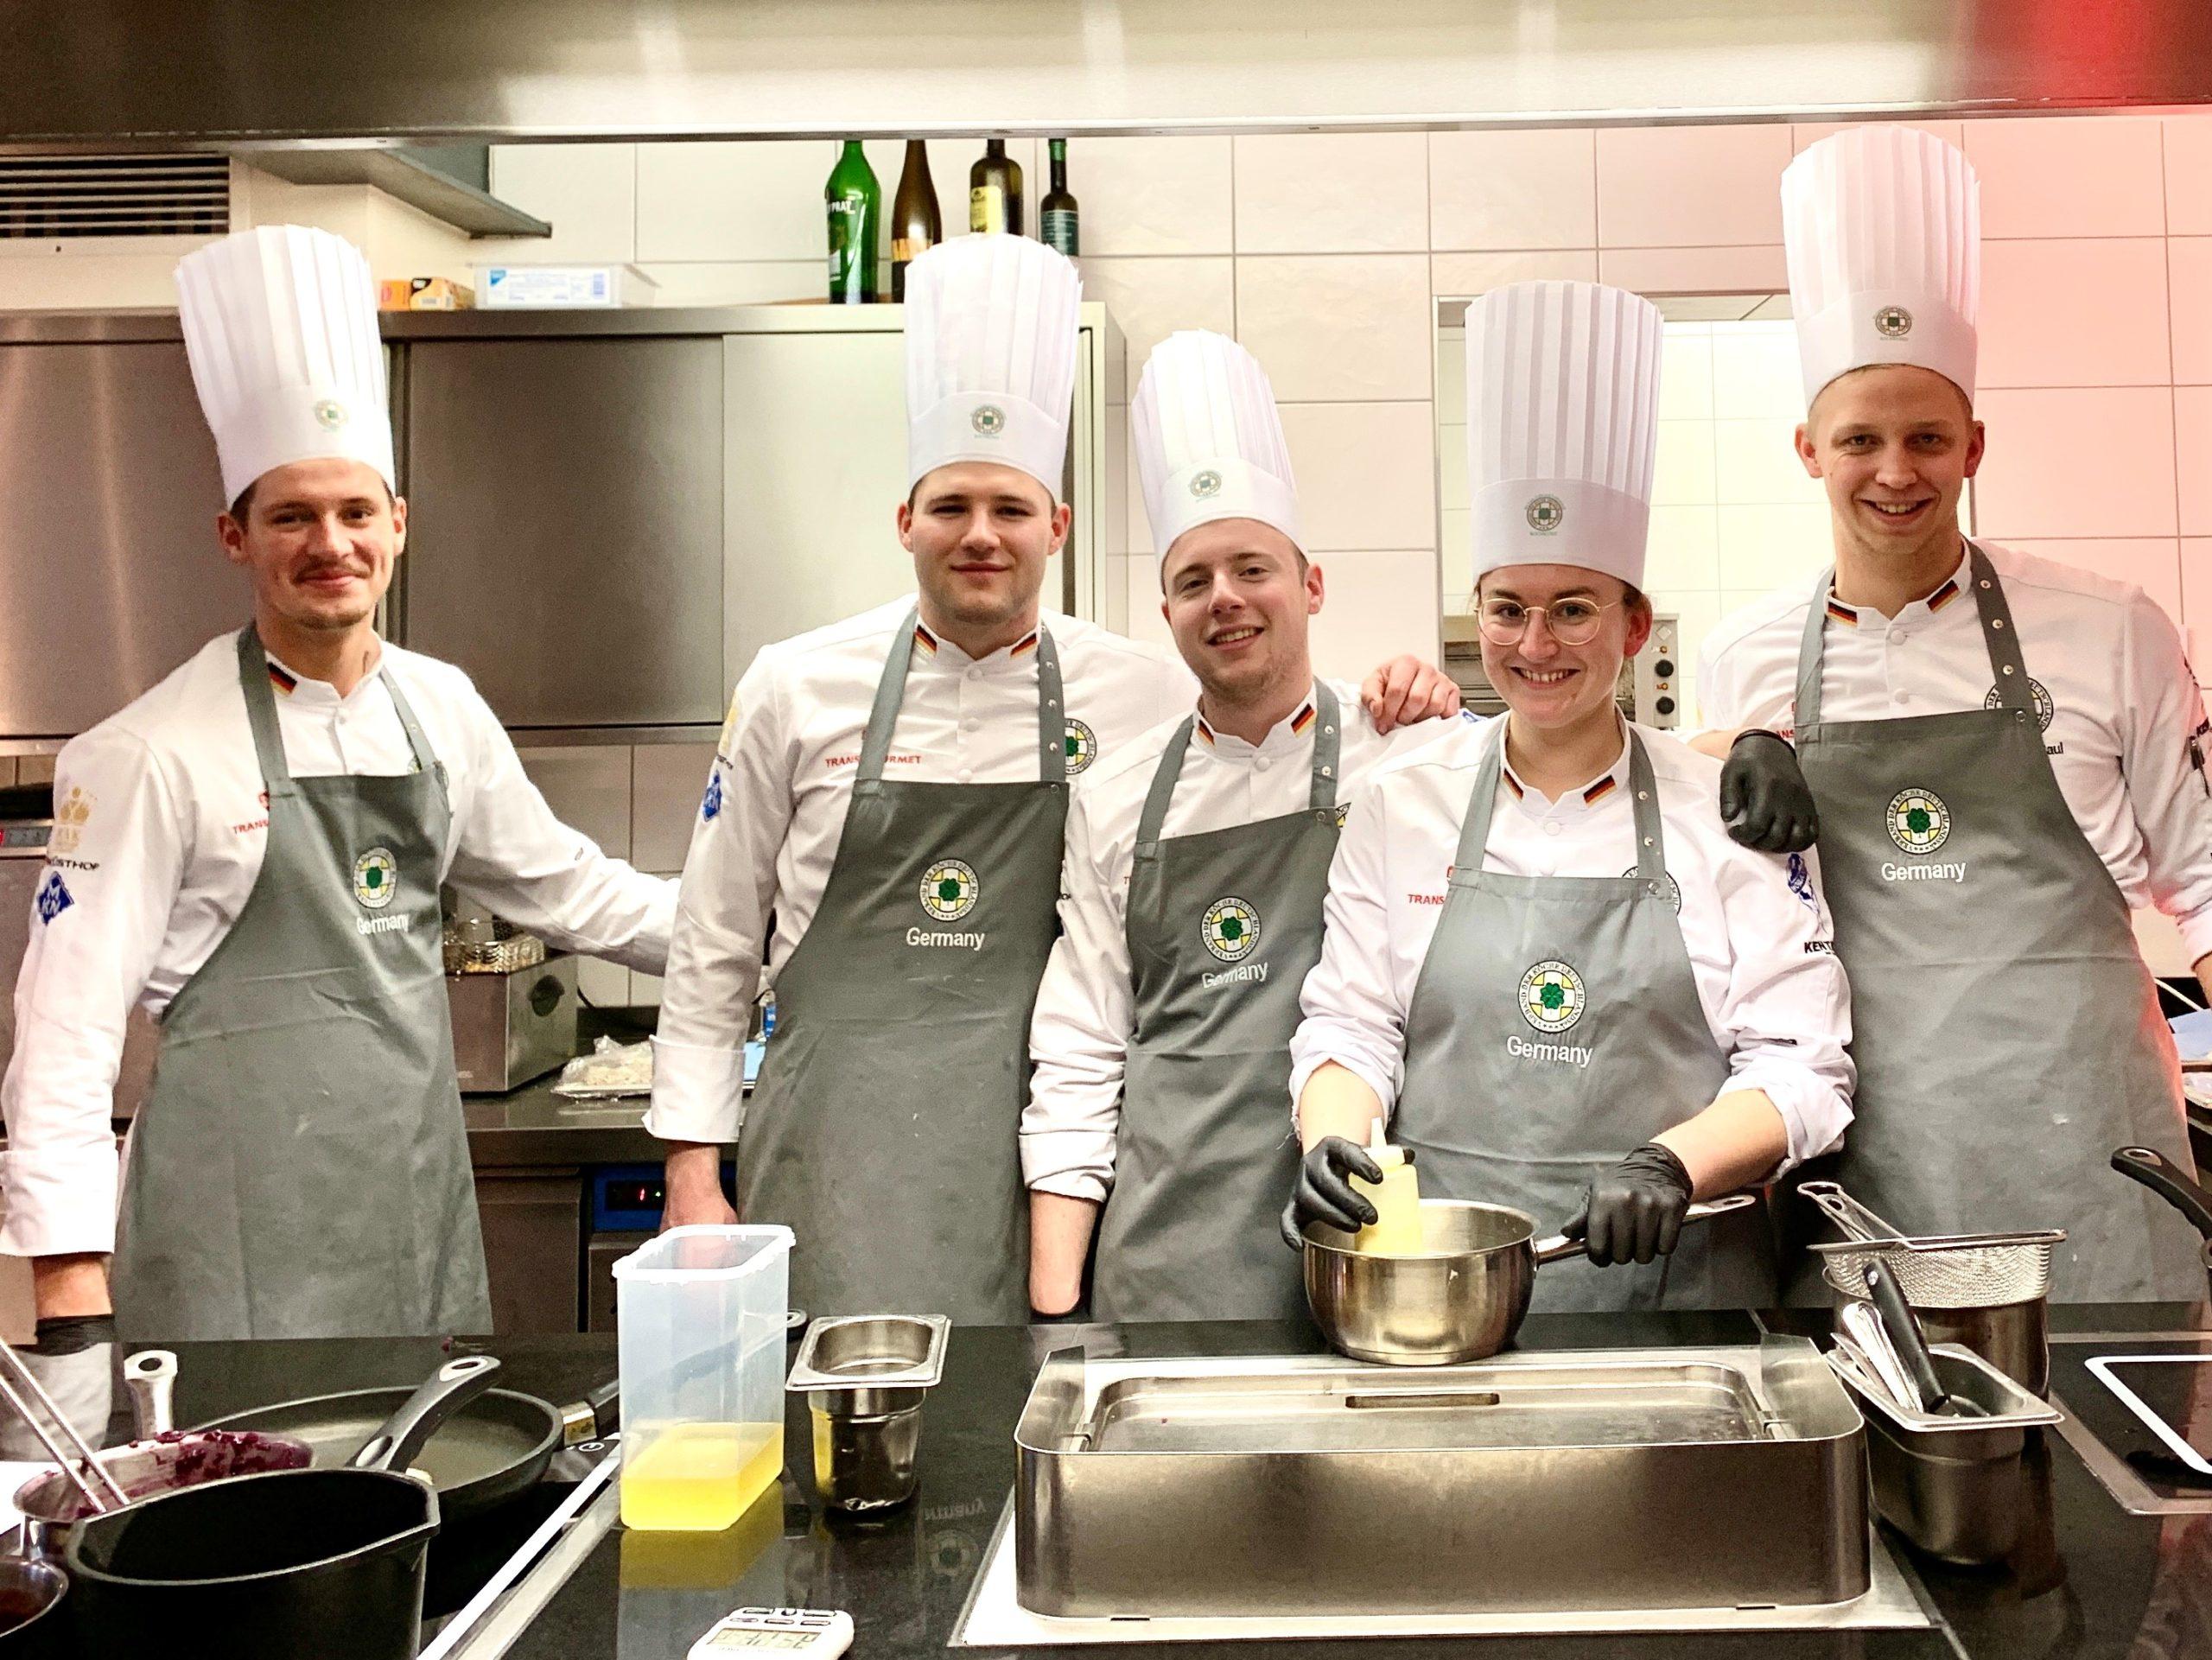 Das Junior-Team der deutsche Köche-Nationalmannschaften bereitet sich seit Monaten auf die IKA/Olympiade der Köche vor. Foto: VKD